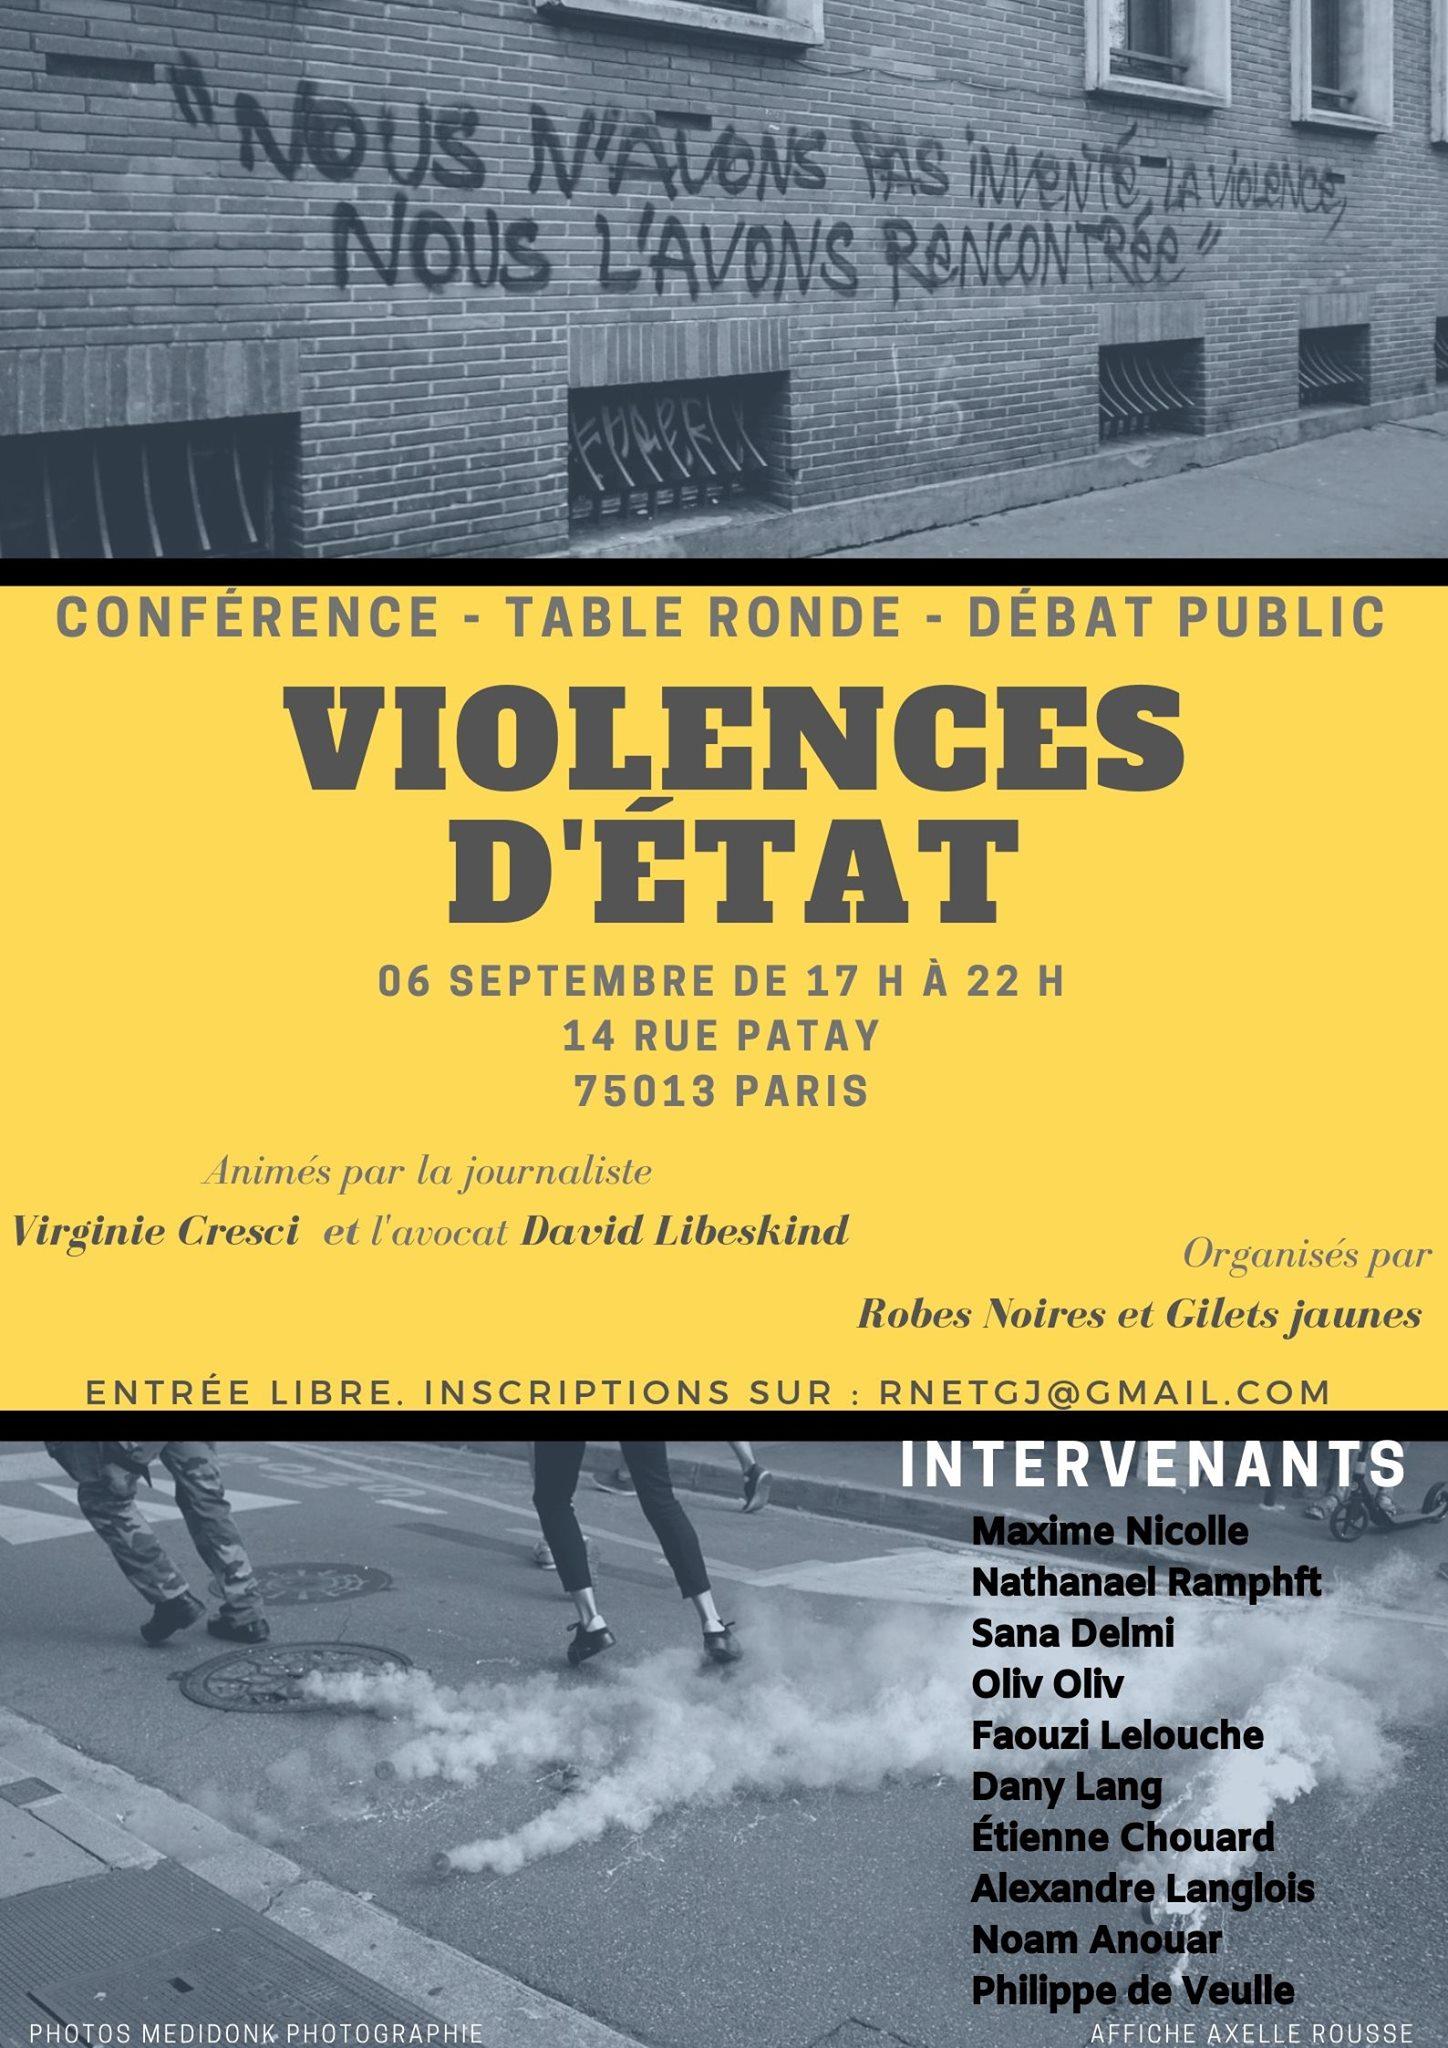 VIOLENCES D'ÉTAT: rendez-vous le 6 sept 2019 à Paris pour en parler avec les Robes Noires et Gilets Jaunes